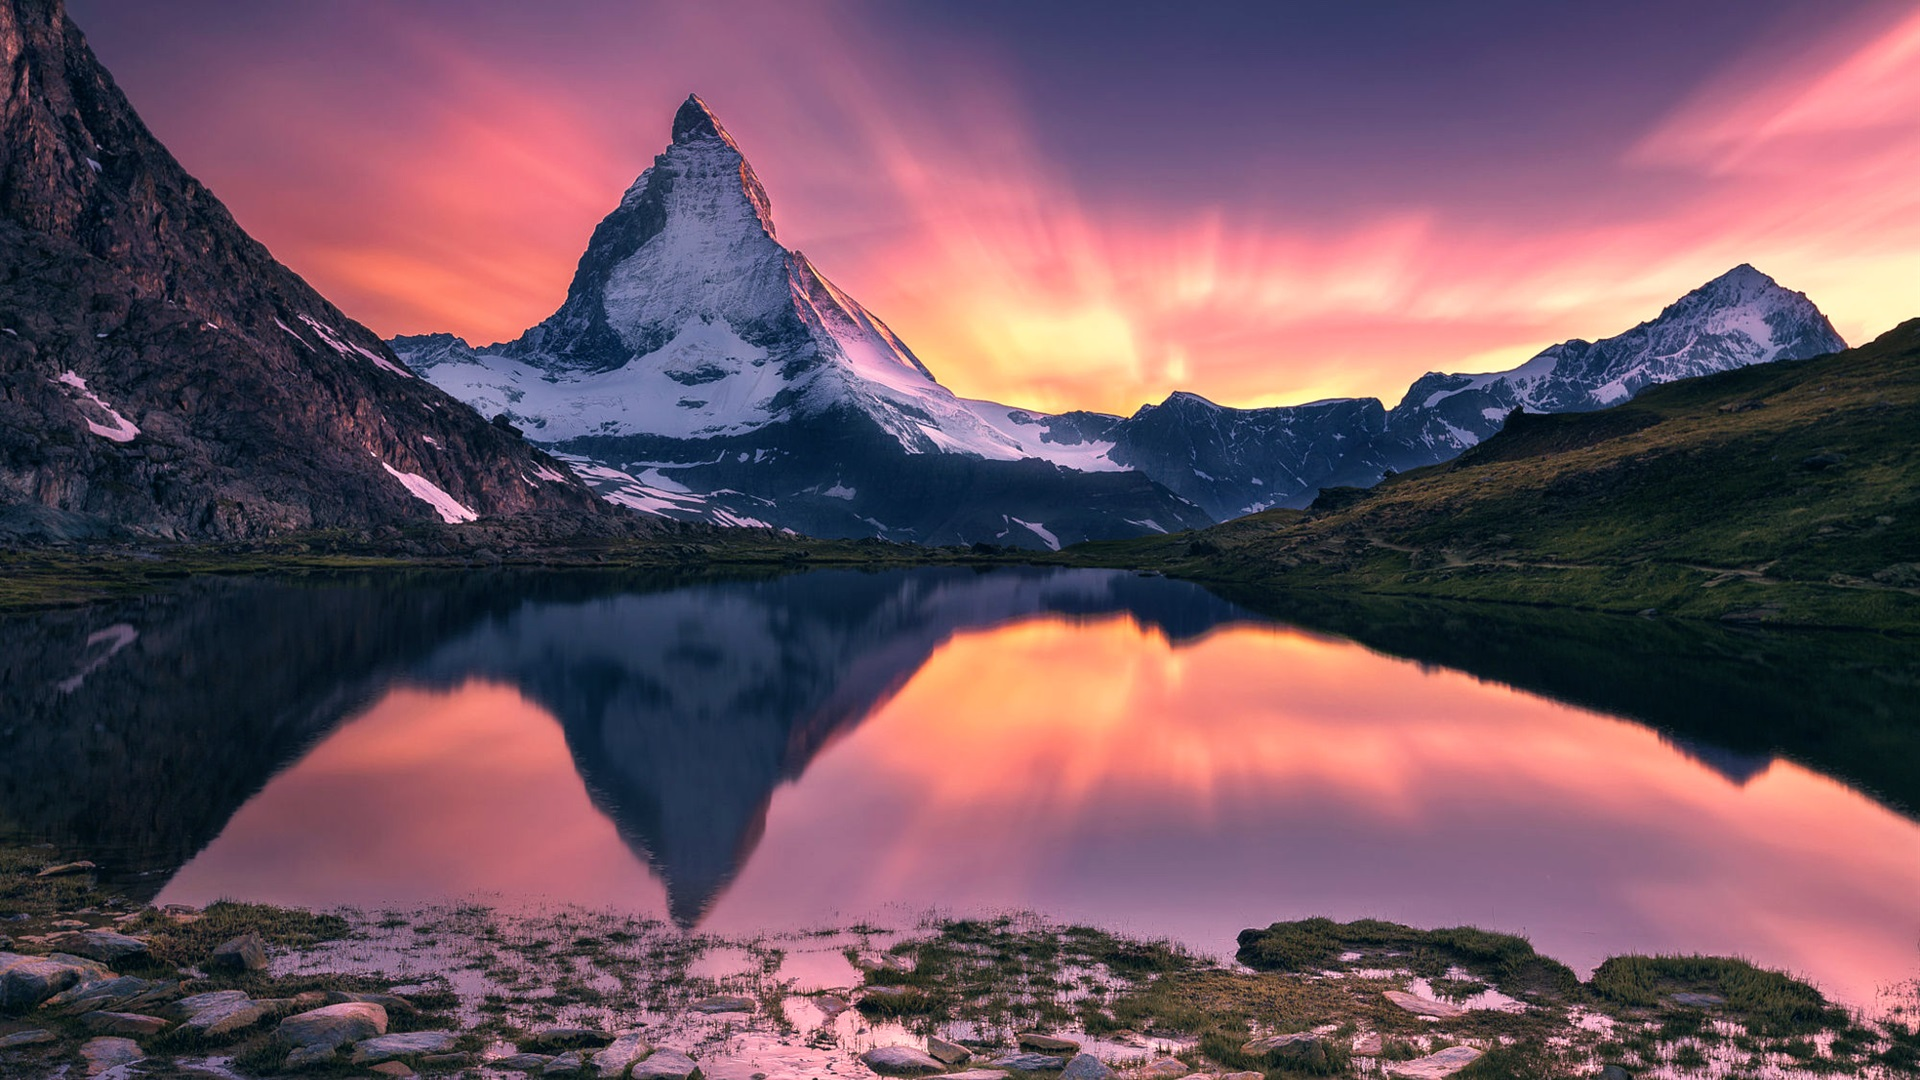 download wallpaper 1920x1080 matterhorn beautiful sunset